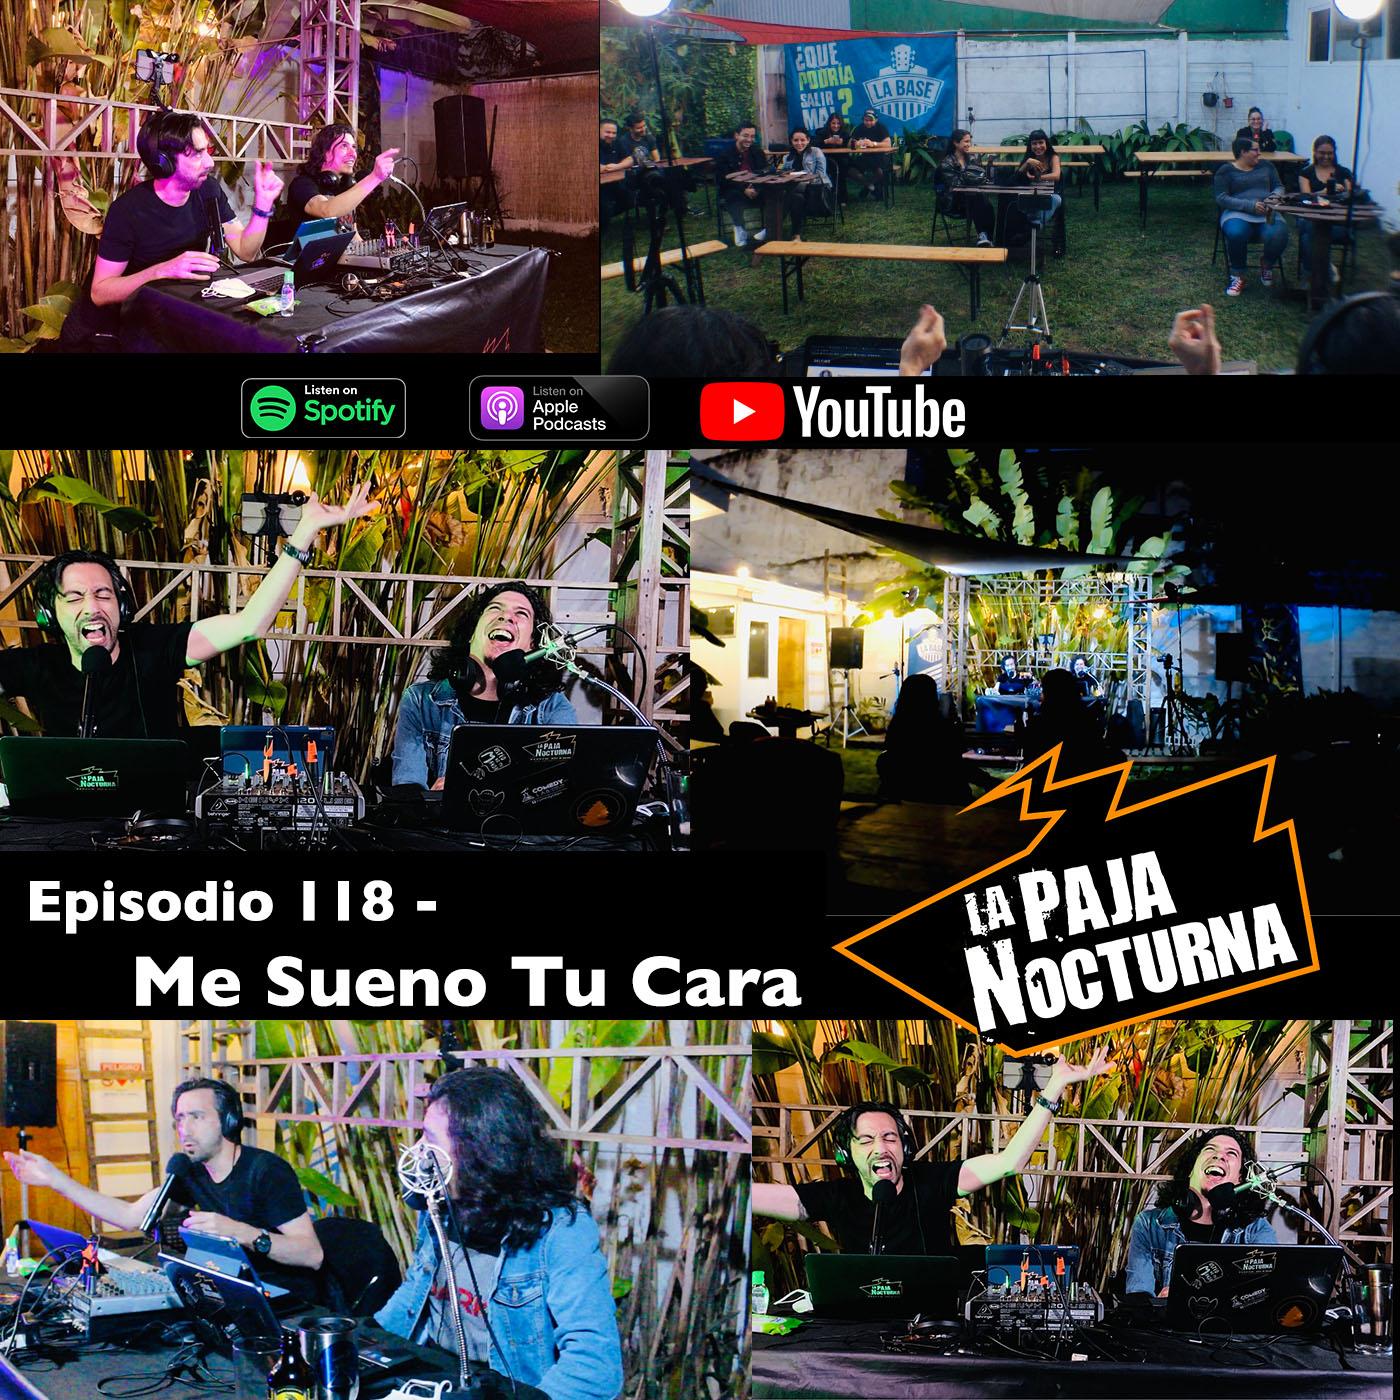 La paja nocturna podcast Episodio 118